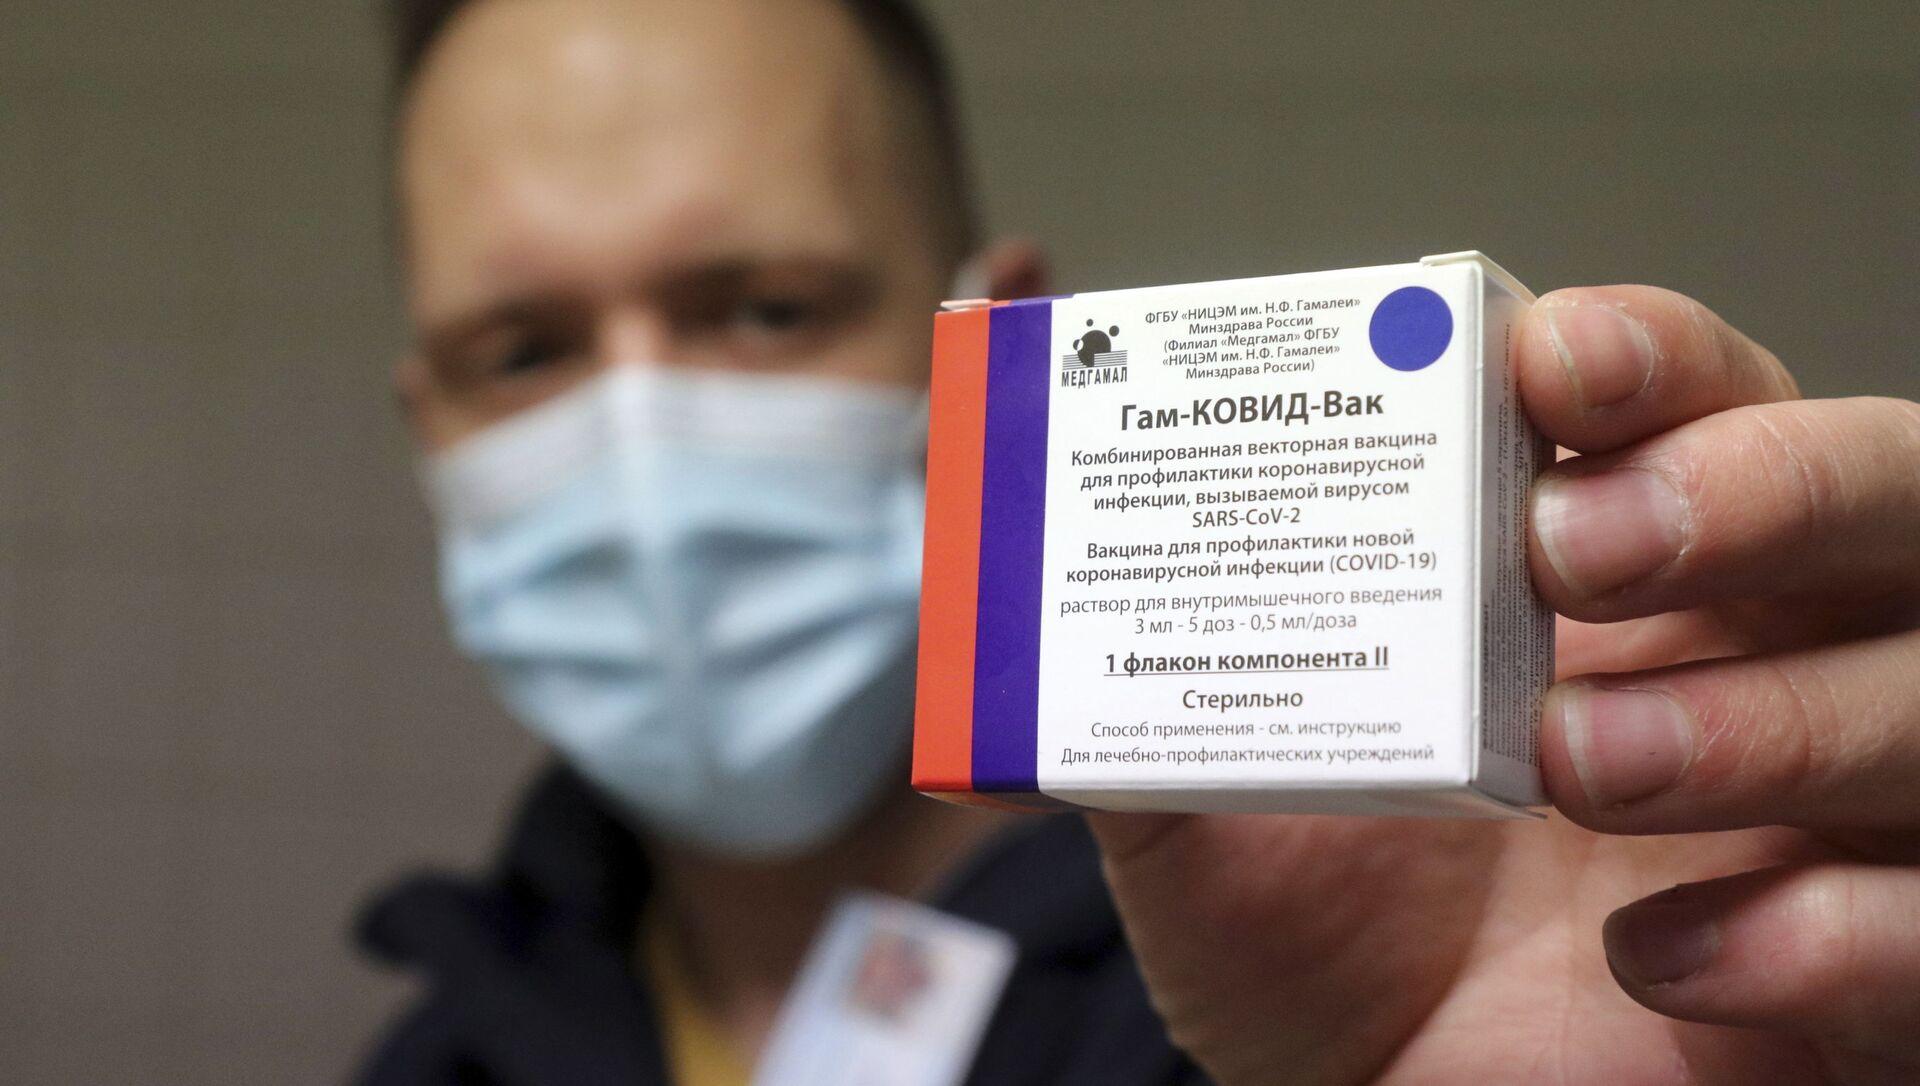 Rosyjska szczepionka przeciw koronawirusowi Sputnik V. - Sputnik Polska, 1920, 23.03.2021